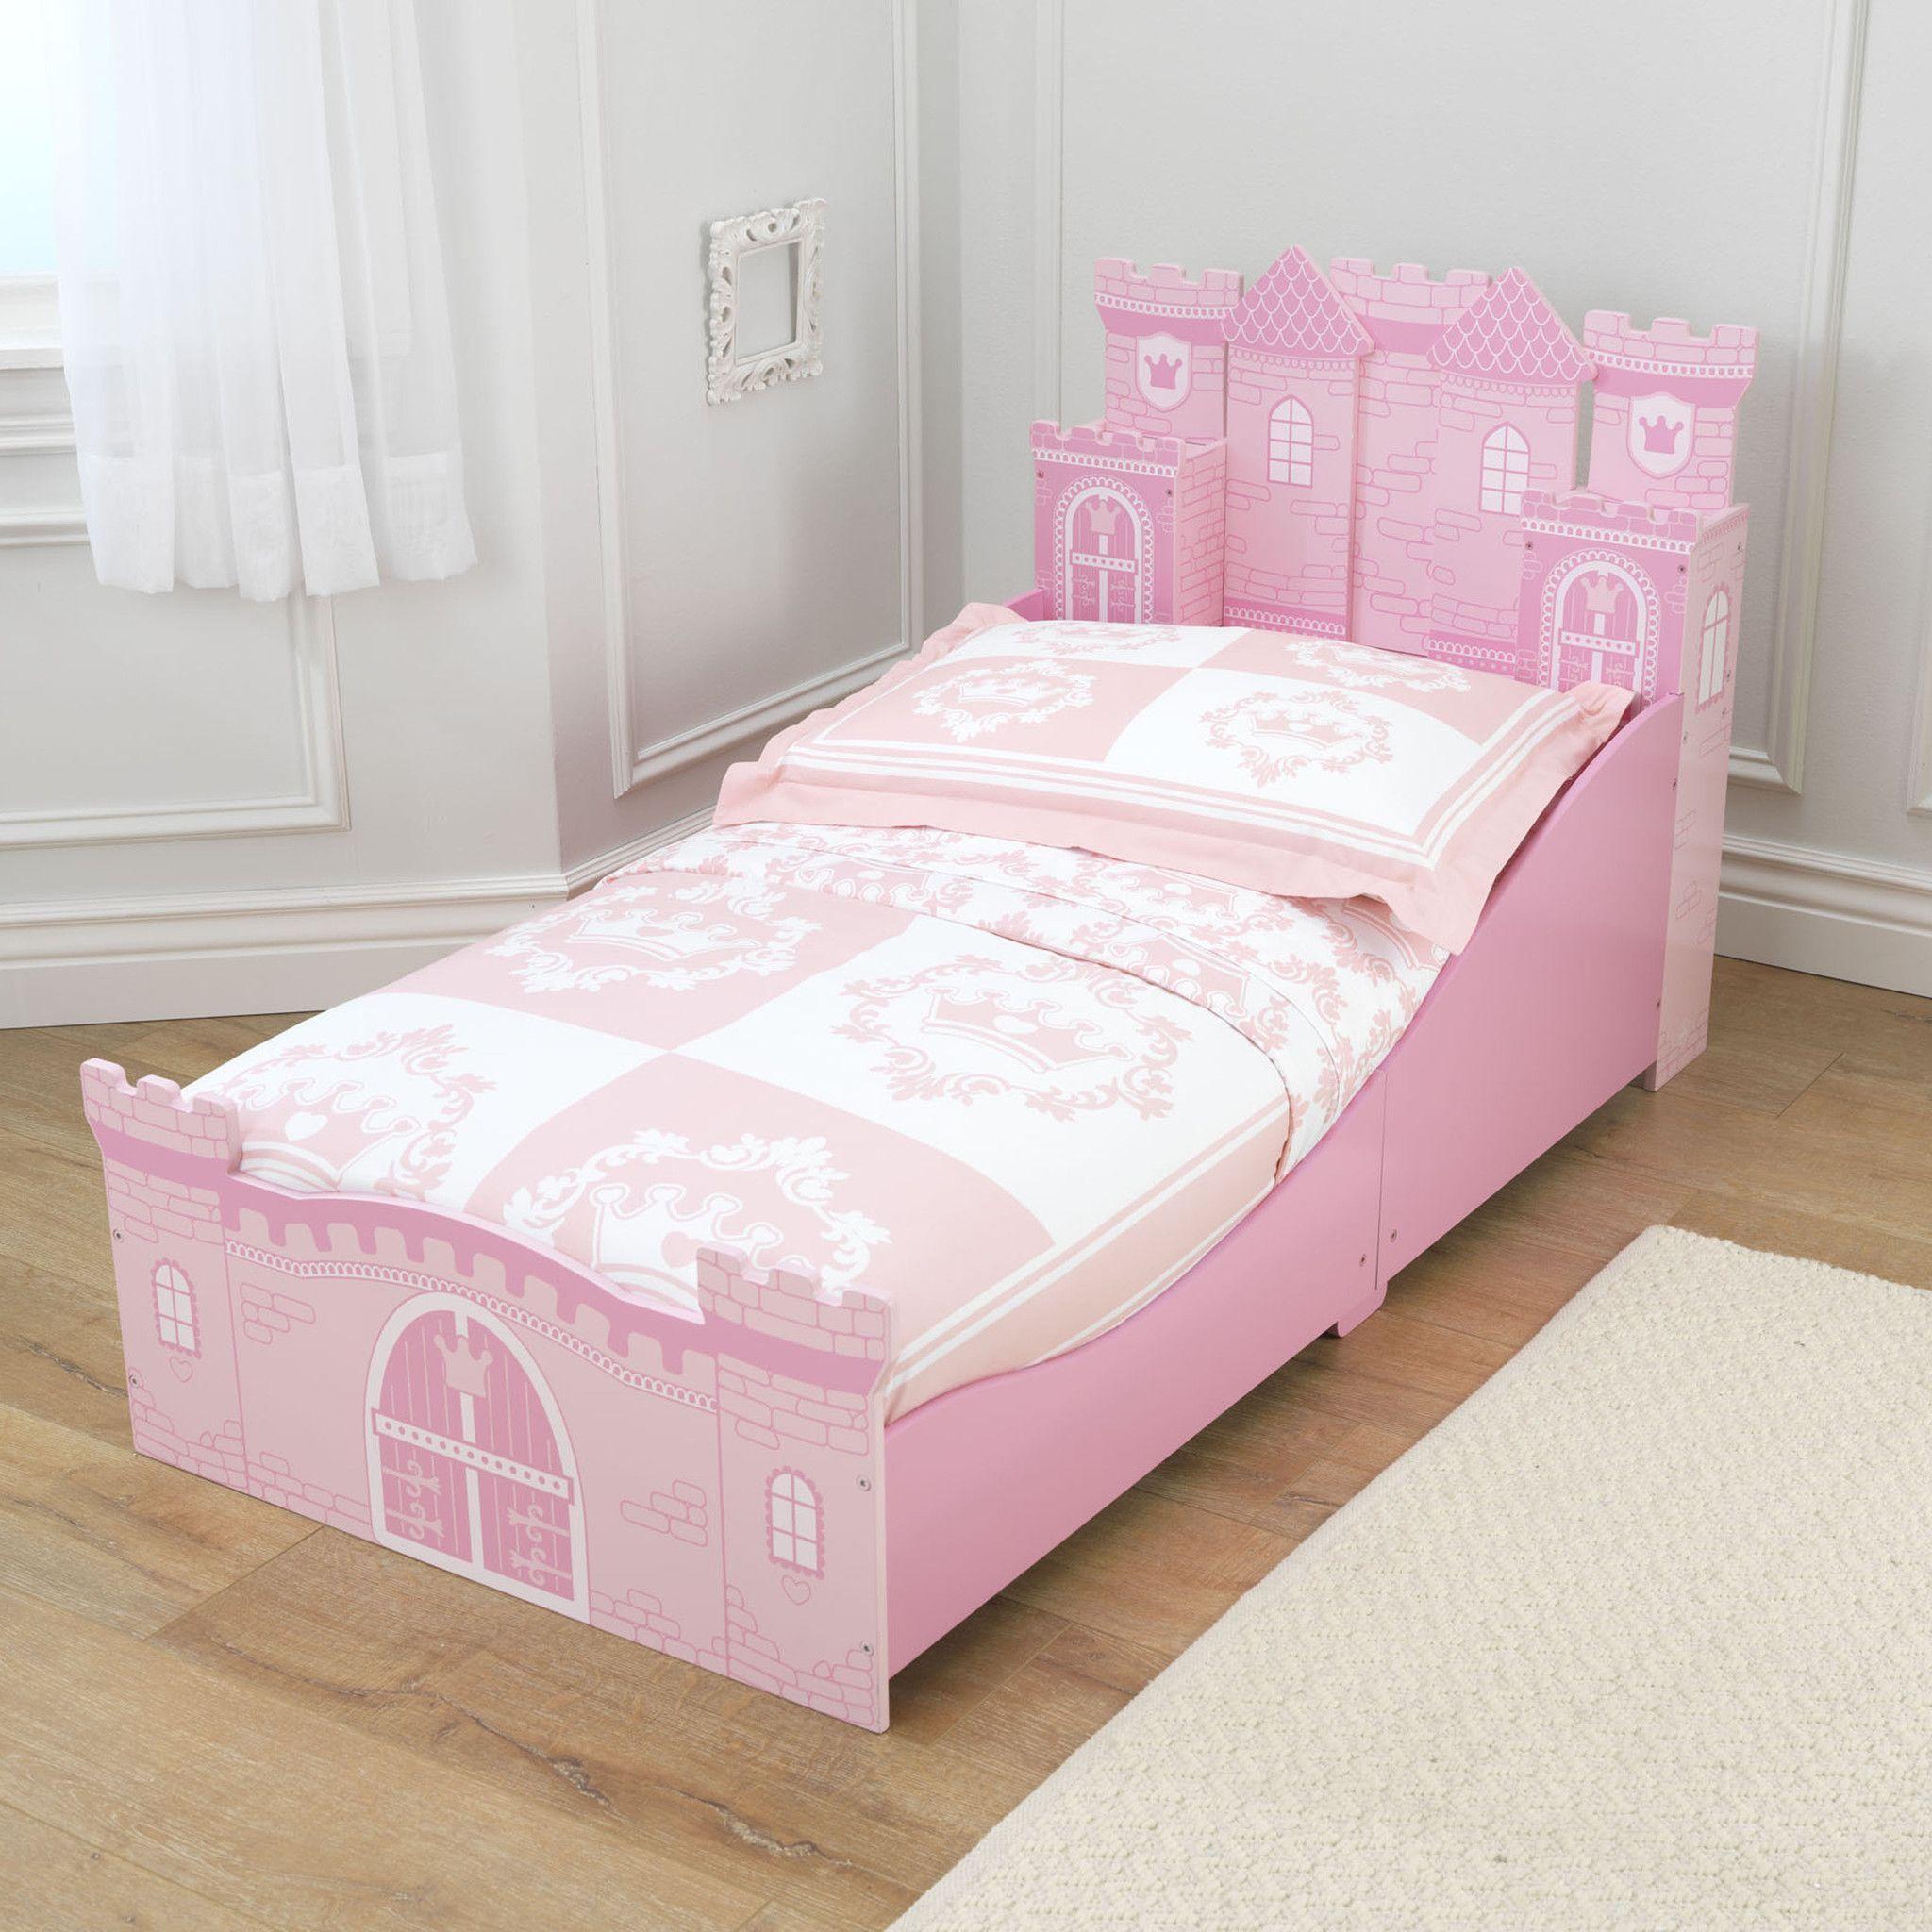 Kid Kraft Princess Castle Toddler Bed 76260 Toddler bed